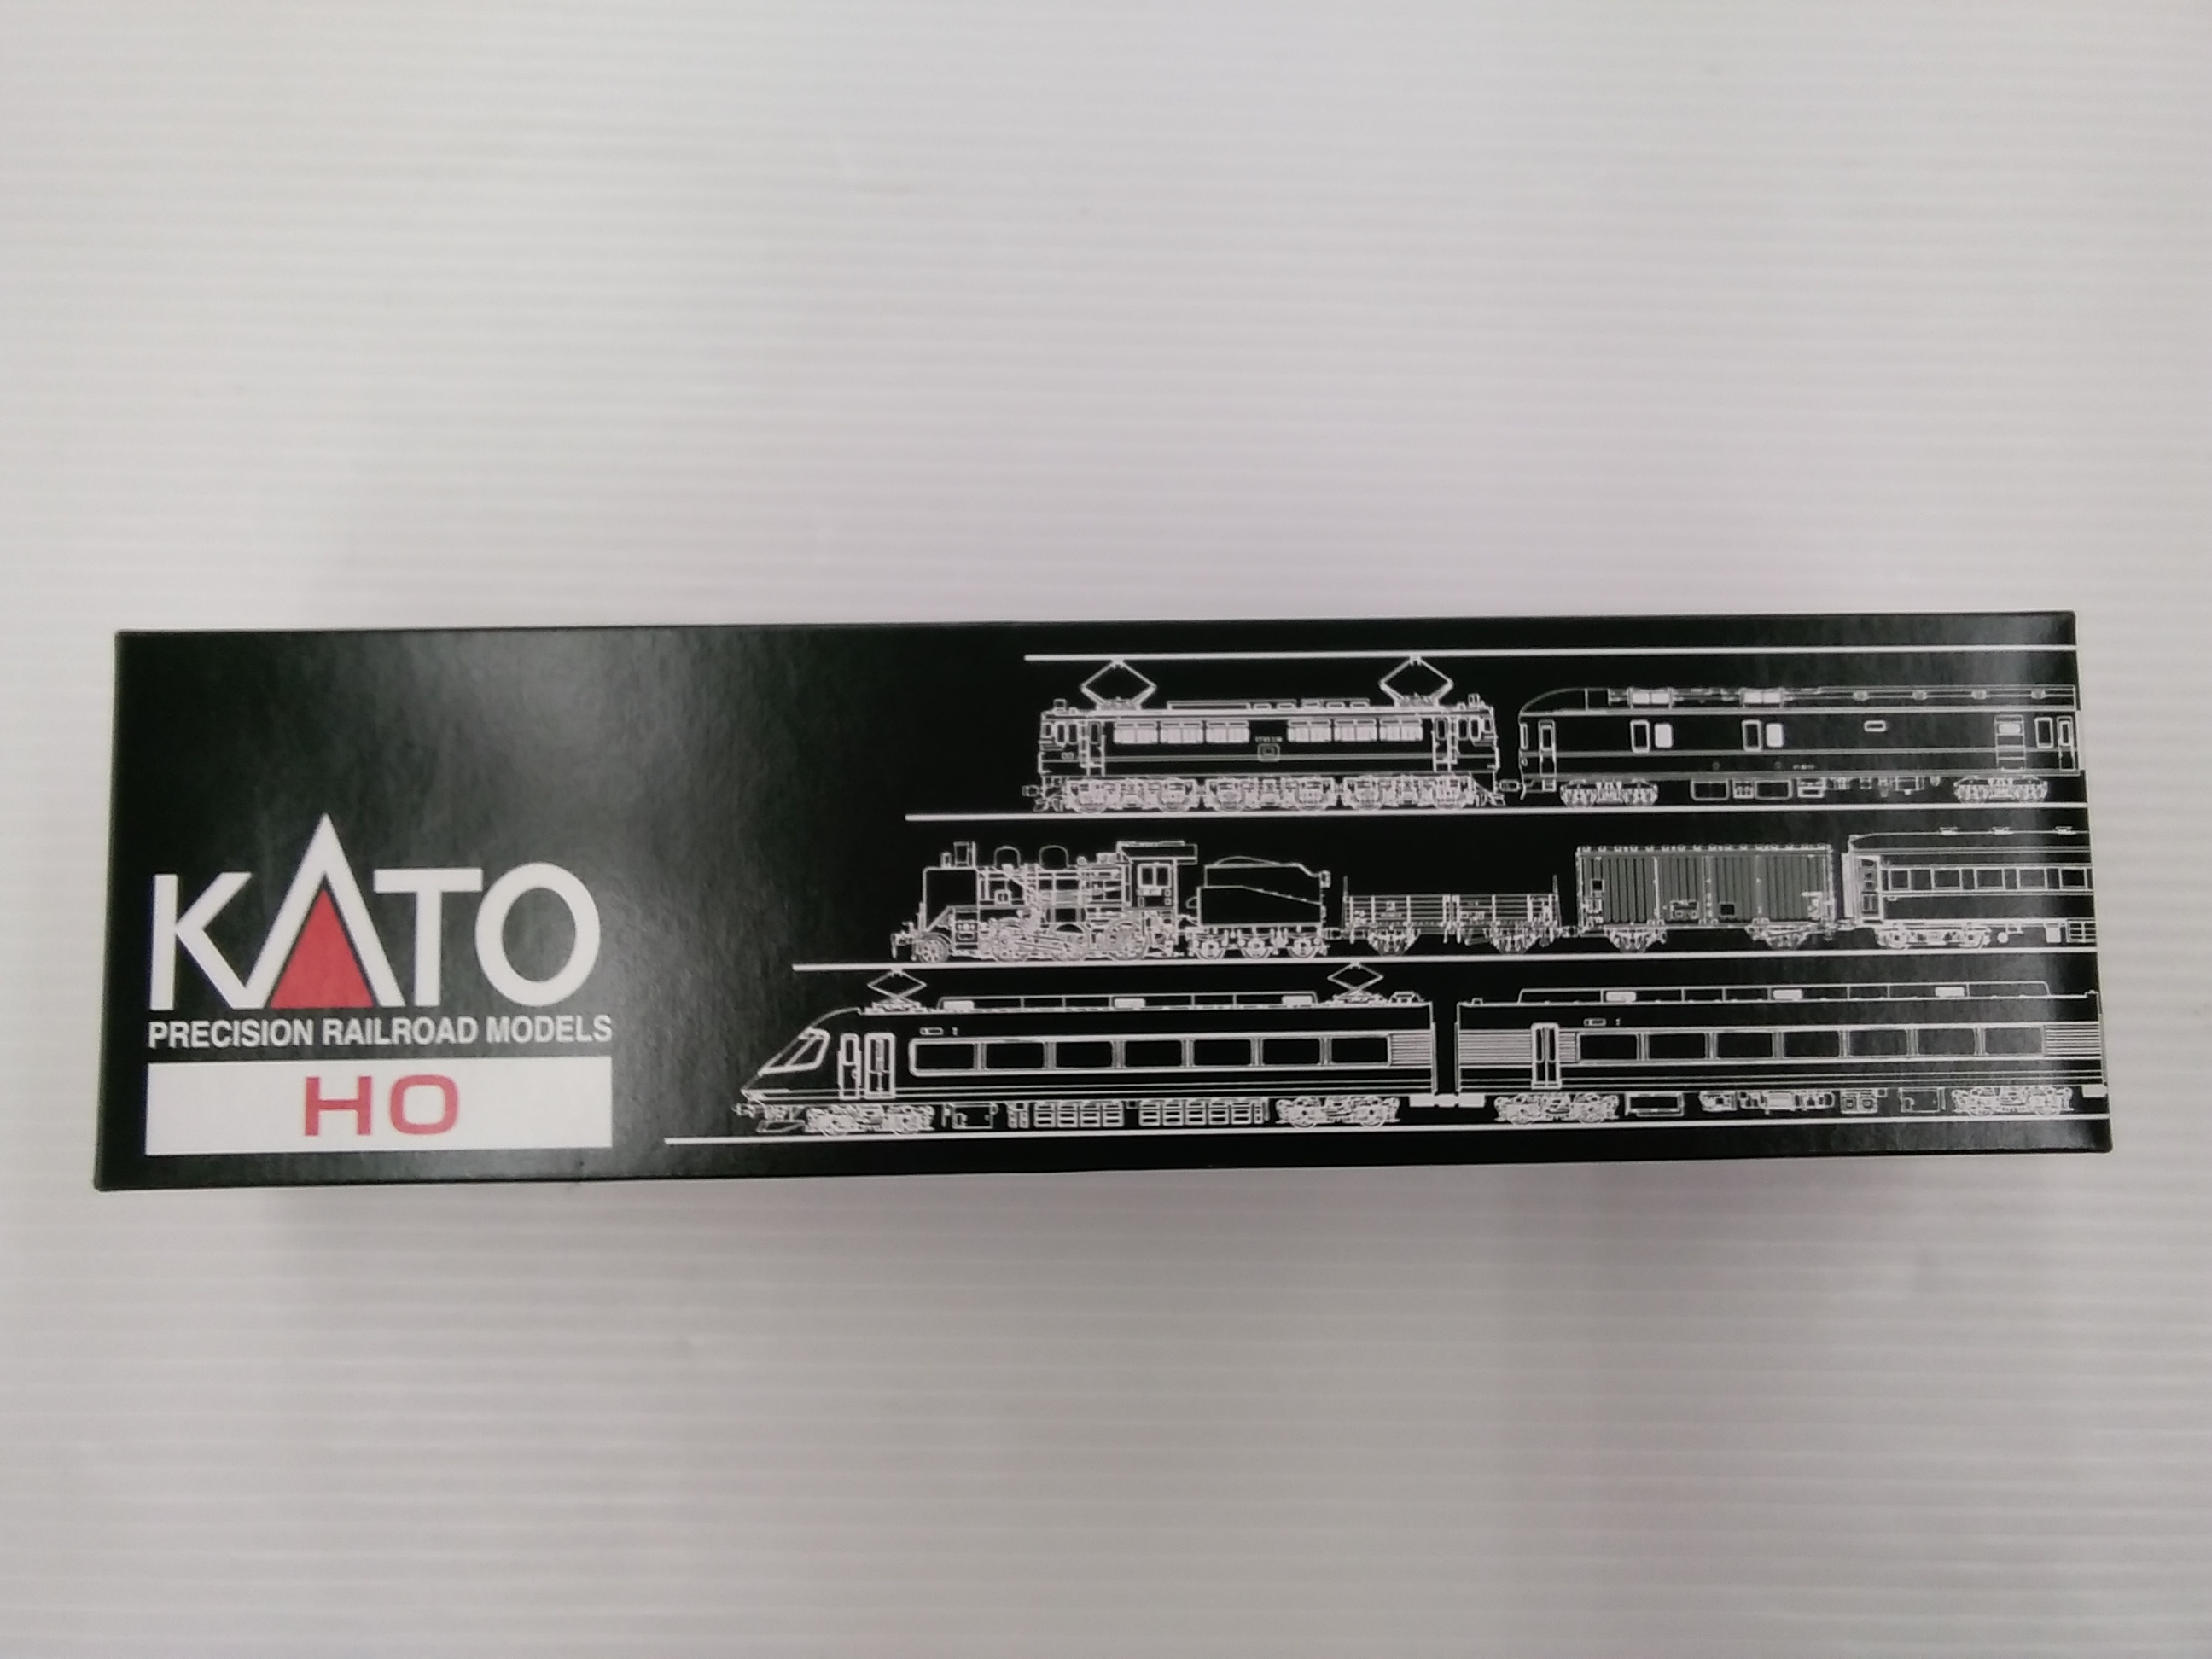 スハネ25 500番台ソロ・ロビー|KATO